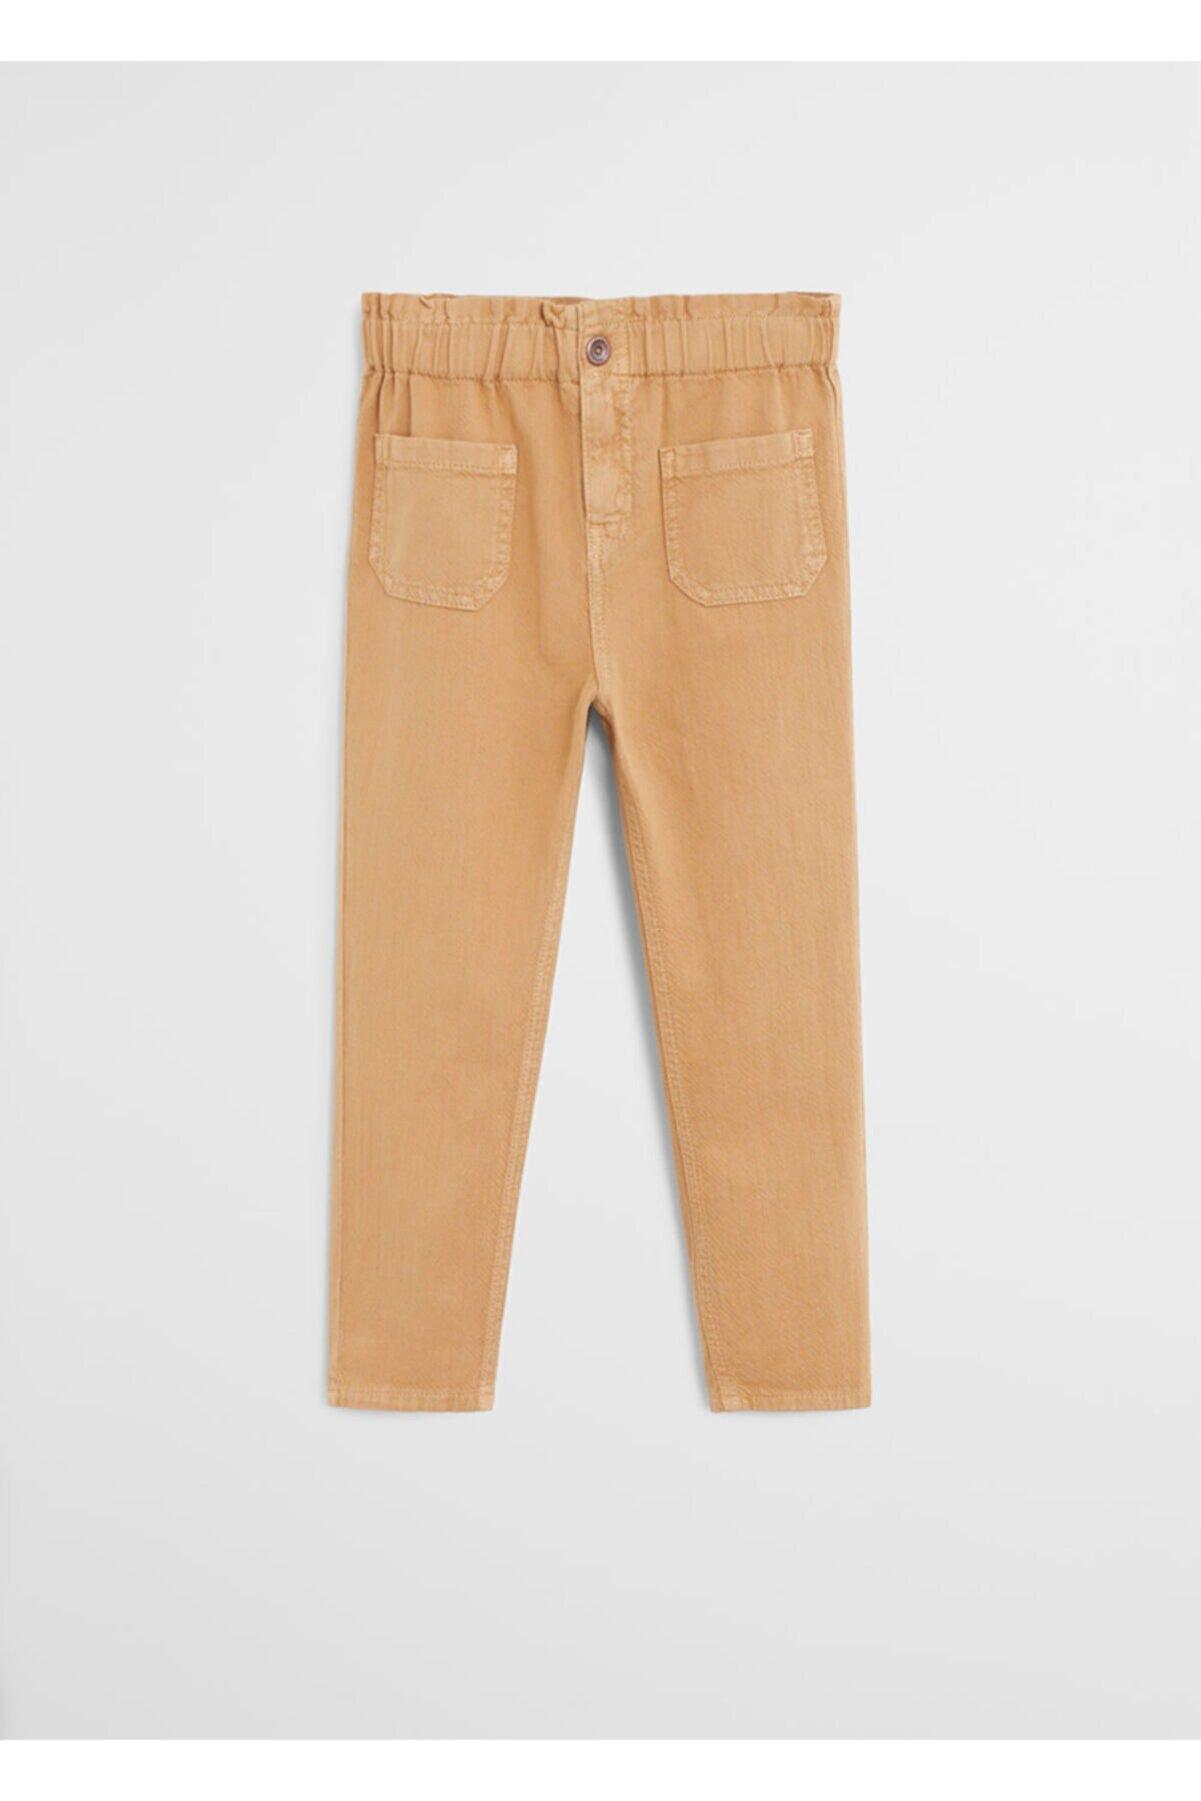 Mango Kız Çocuk Bej Yüksek Bel Düz Kesim Pantolon